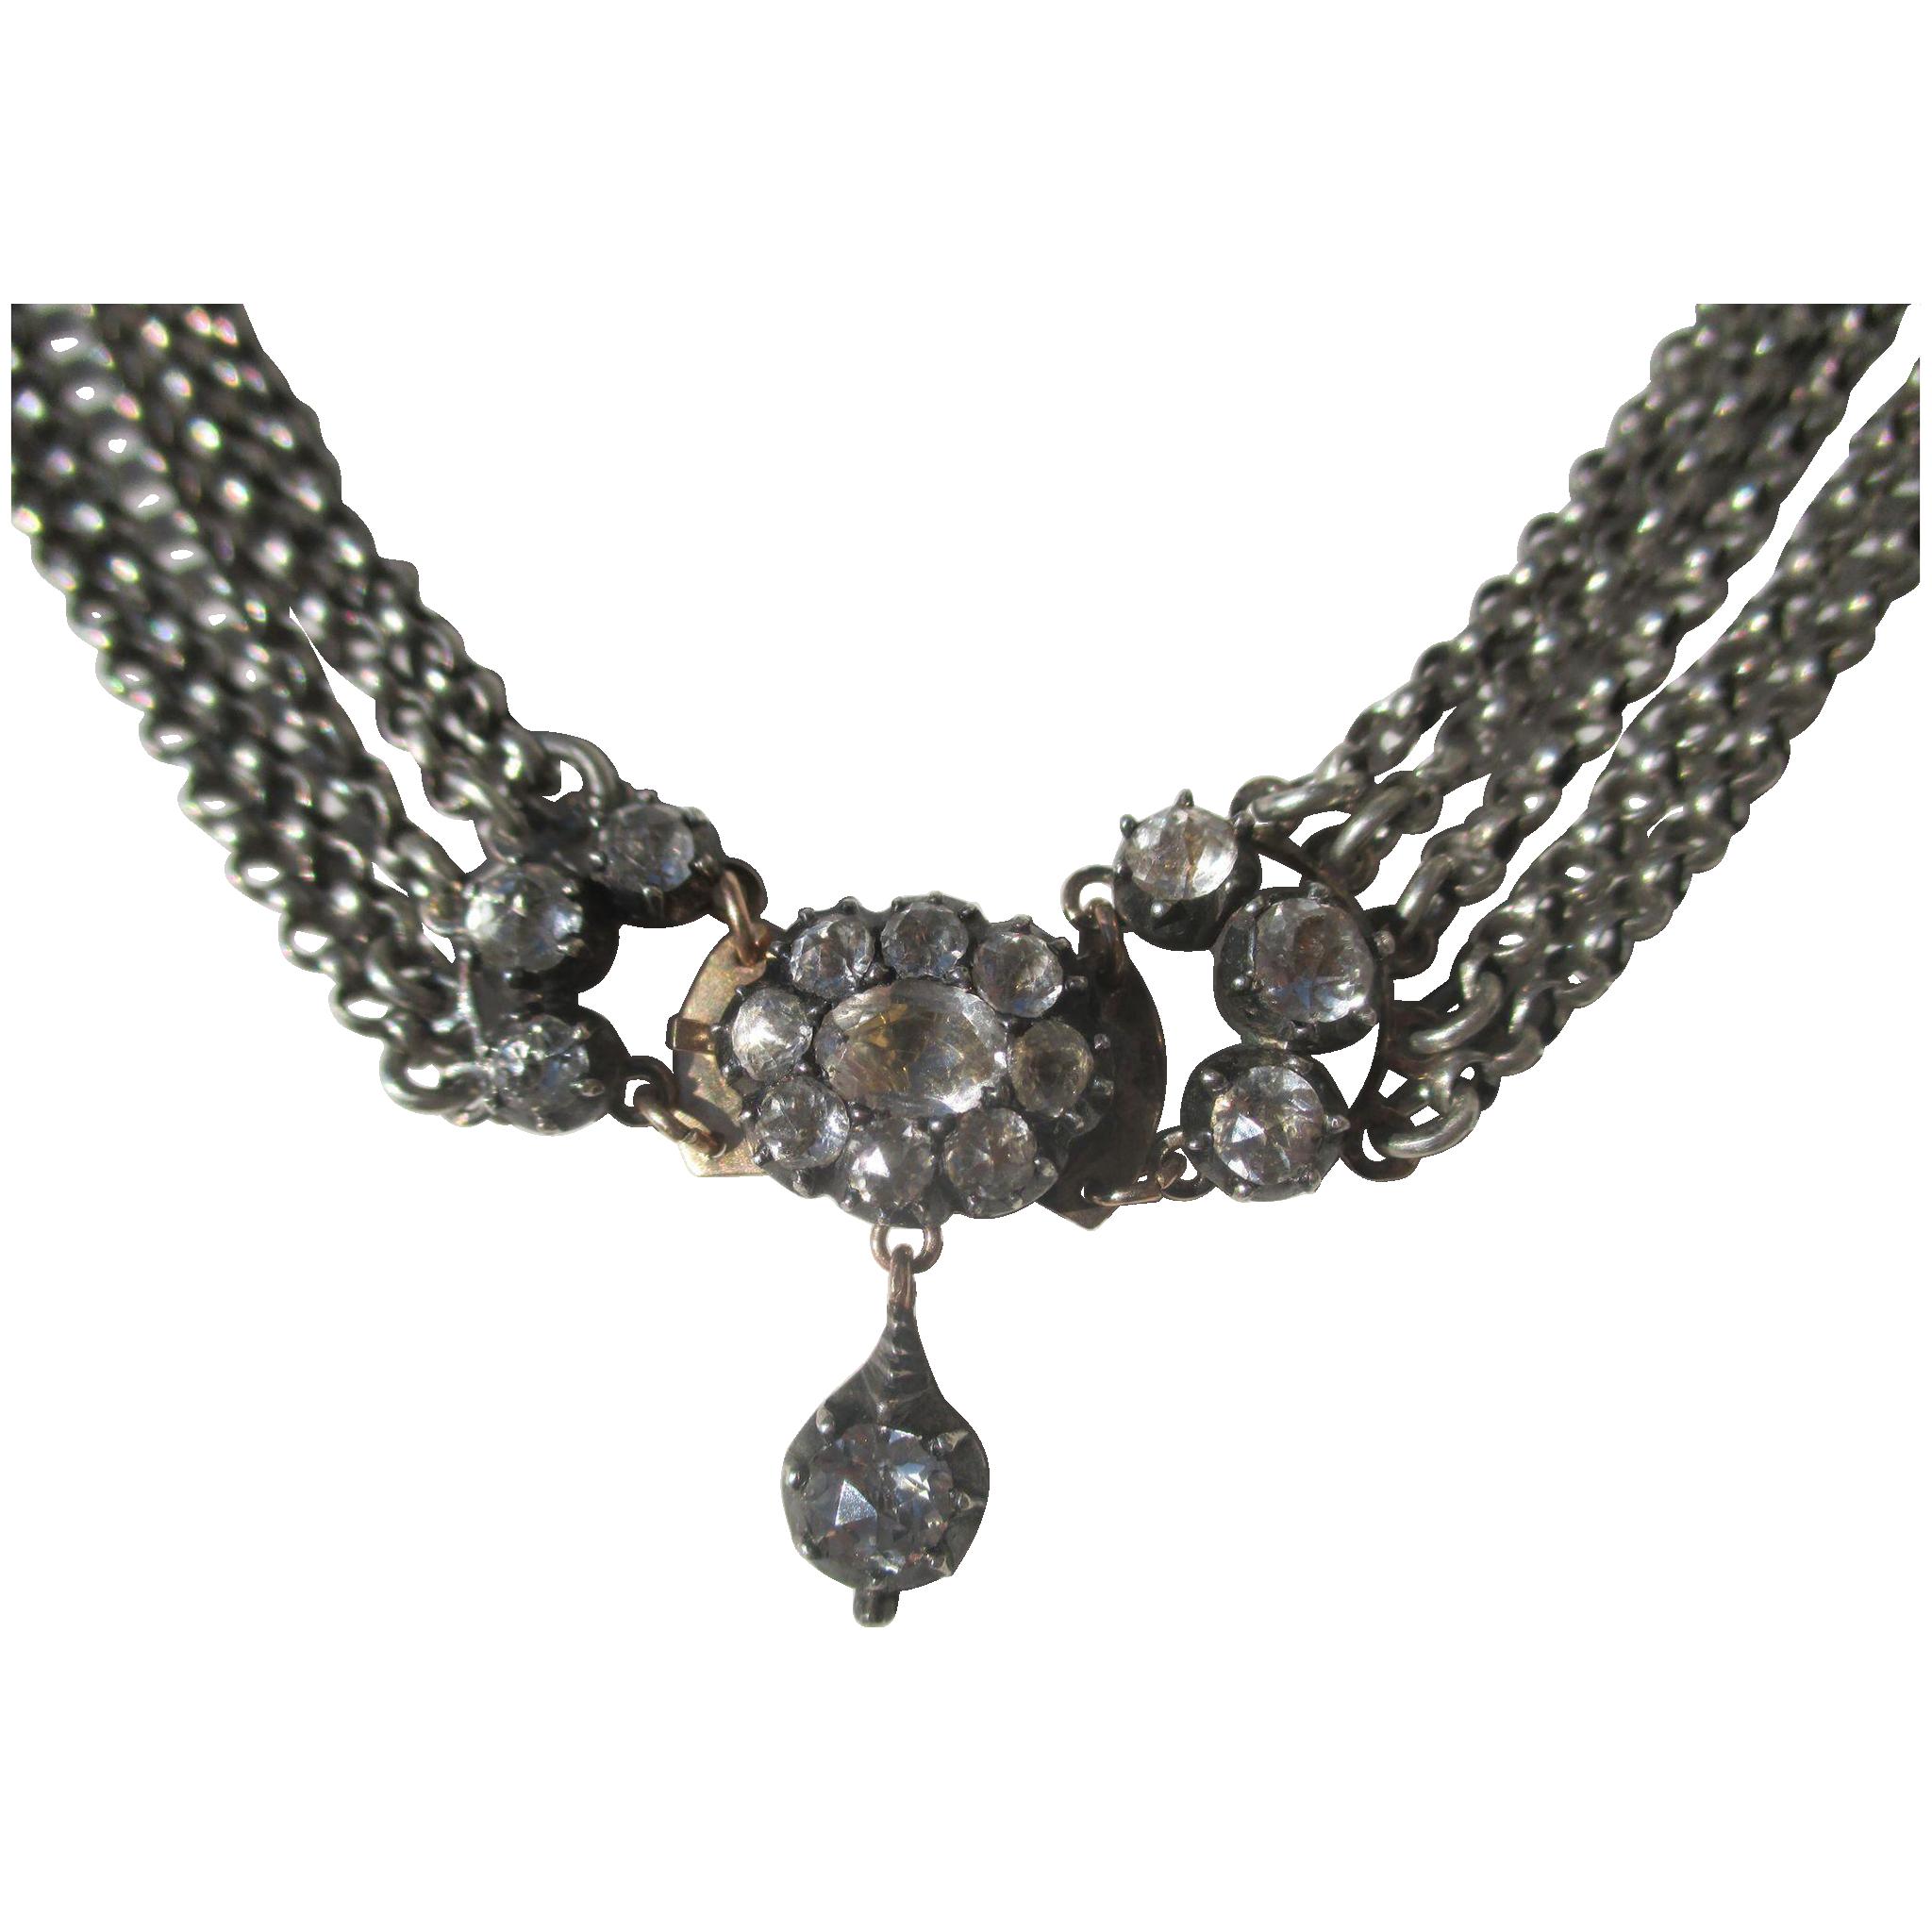 Shop Special! Antique and Rare 5 Strand Quartz Rock Crystal Necklace ~ Georgian Period